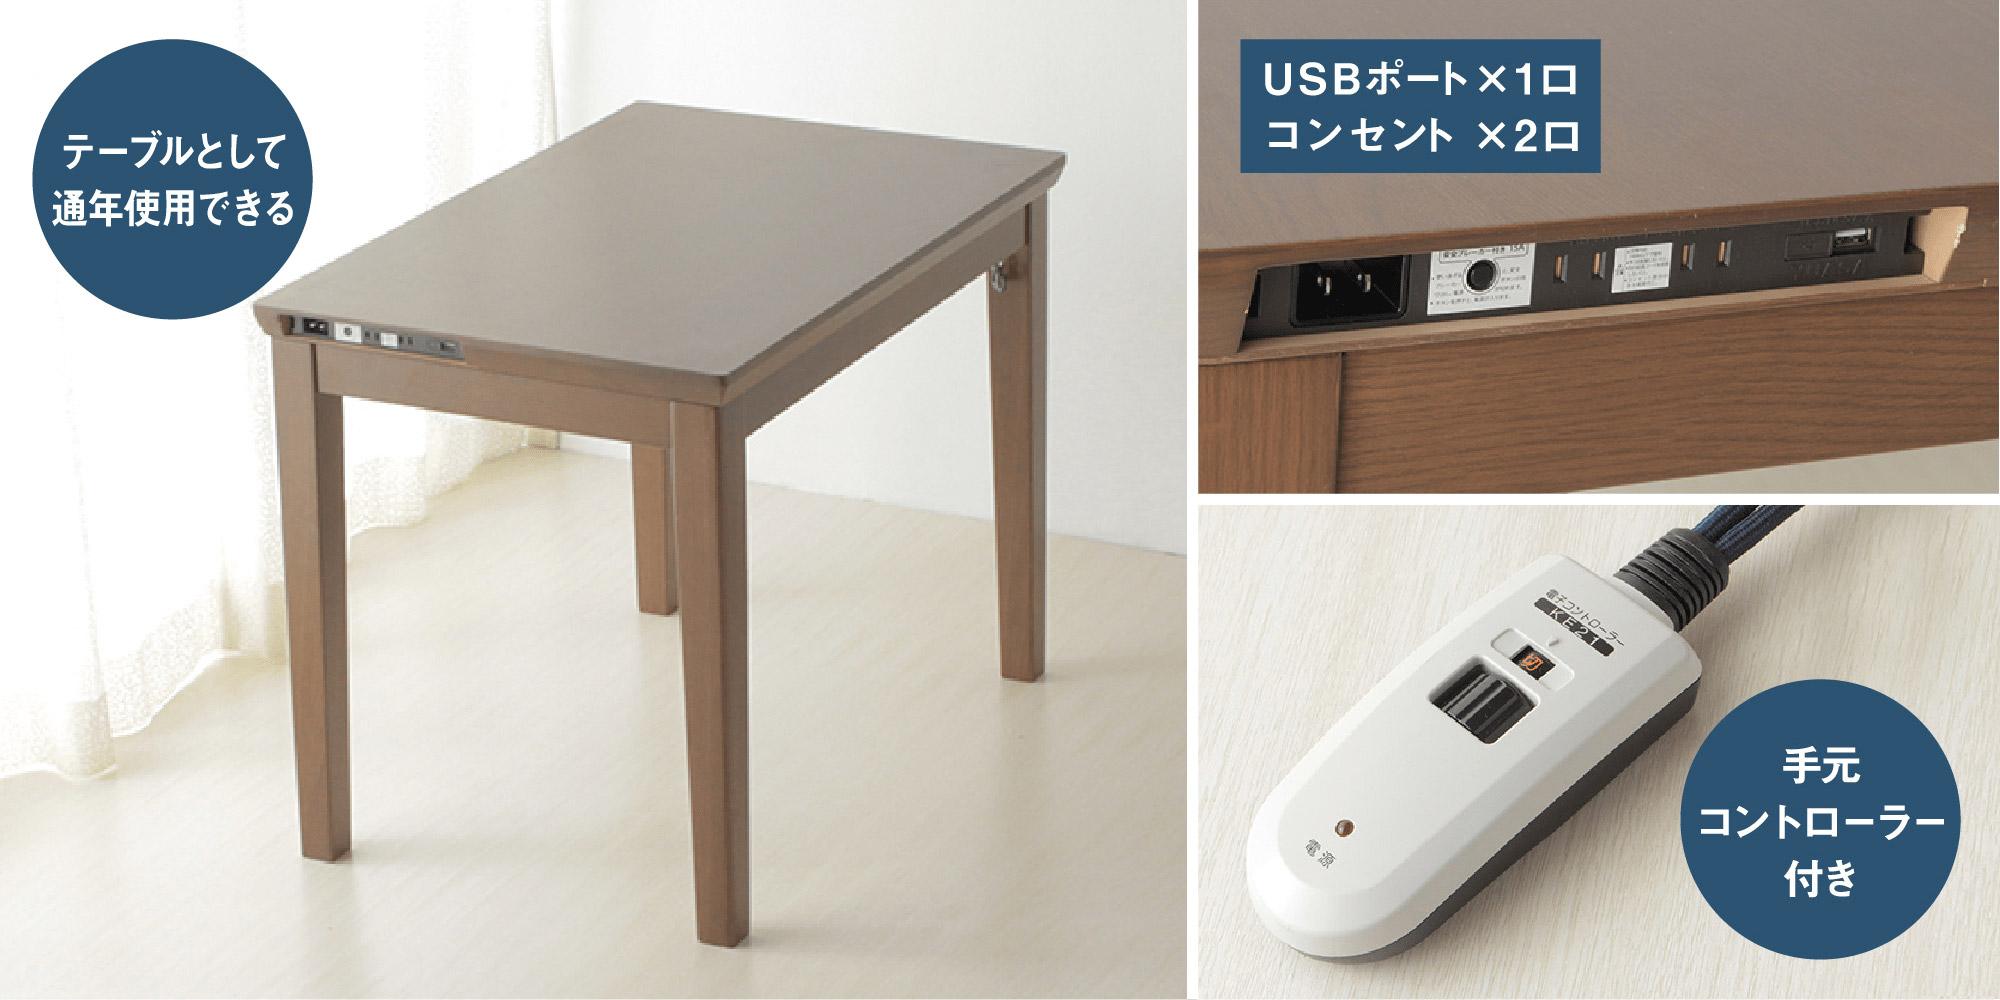 テーブルとして通年使用できる USBポート×1口コンセント×2口 手元コントローラー付き